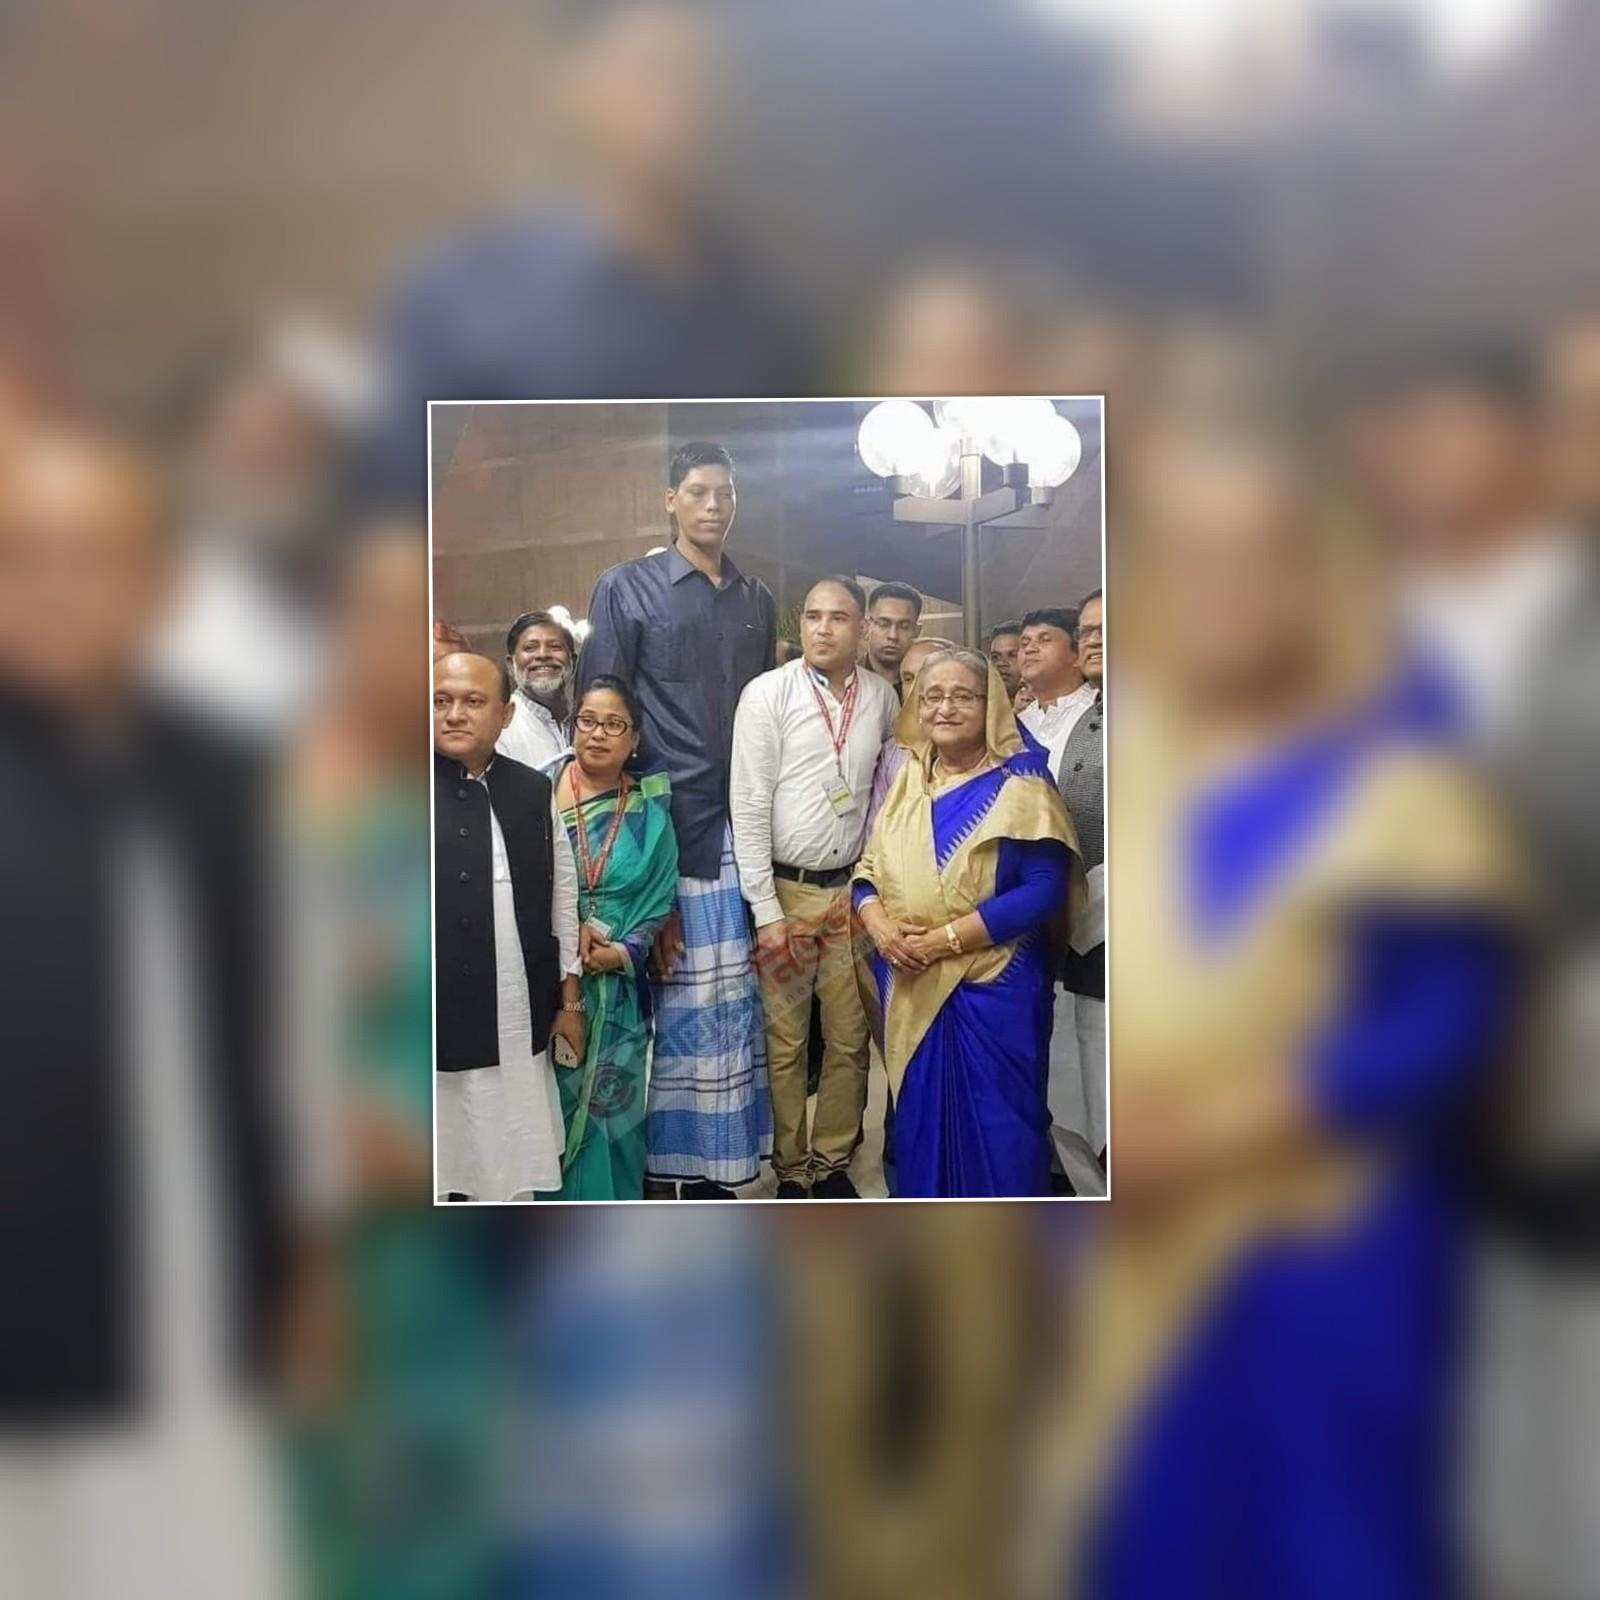 দক্ষিন এশিয়ার দীর্ঘ মানব জিন্নাত আলীর ইন্তেকাল